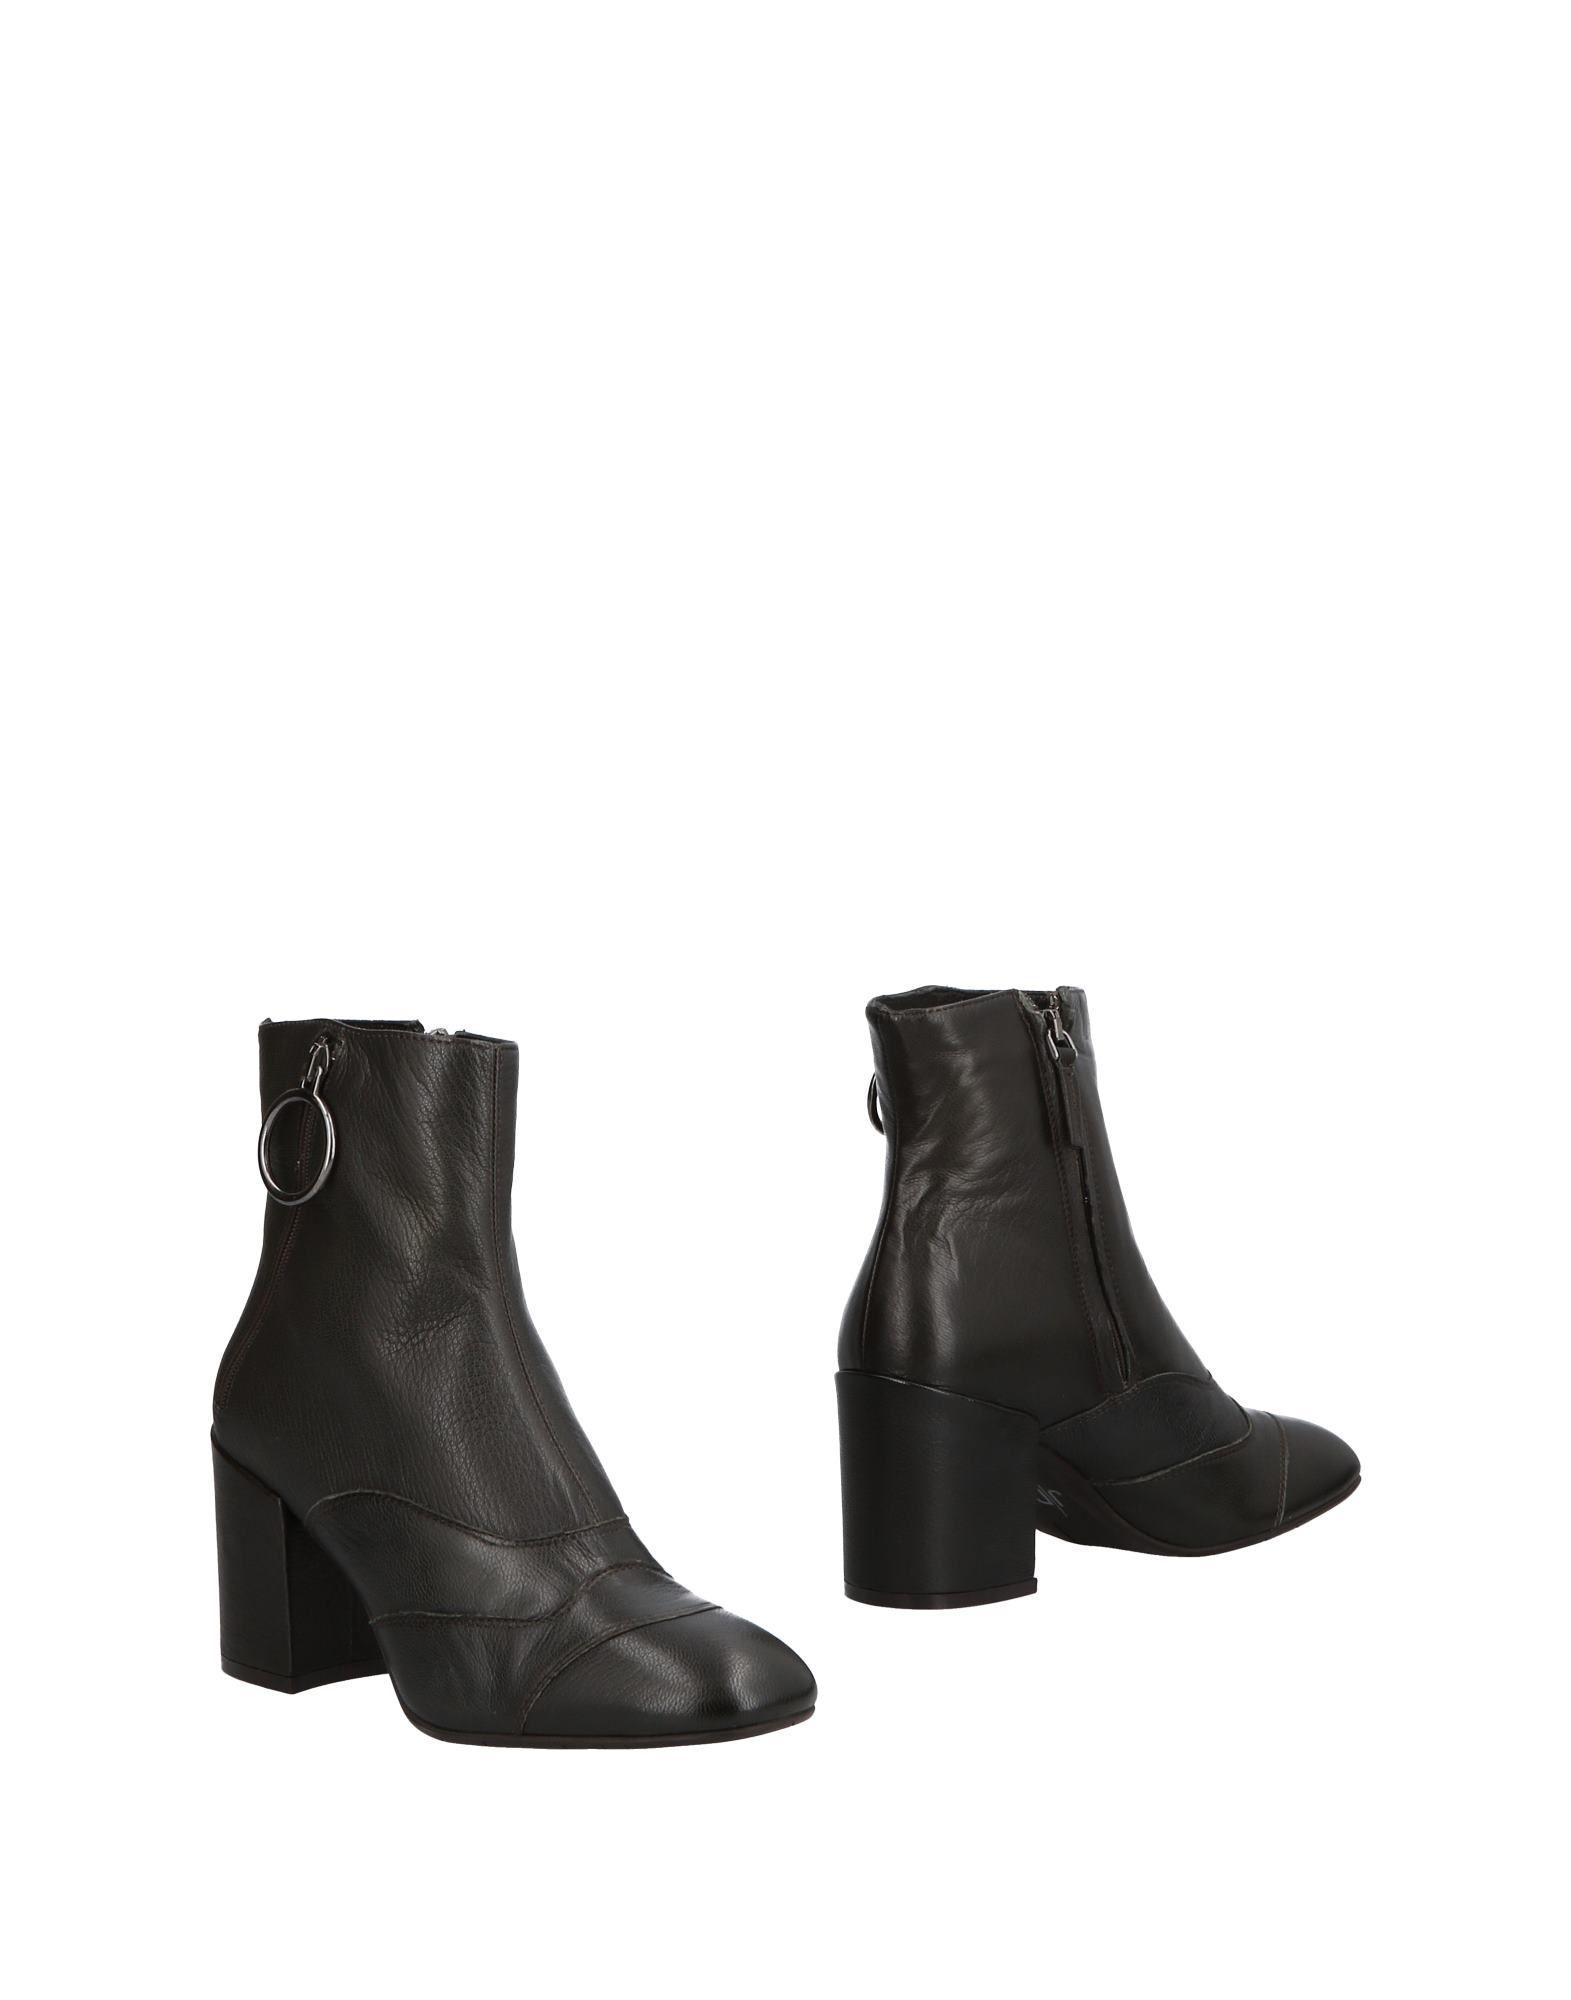 Gut um Stiefelette billige Schuhe zu tragenJ D Julie Dee Stiefelette um Damen  11503819US 3bc72f